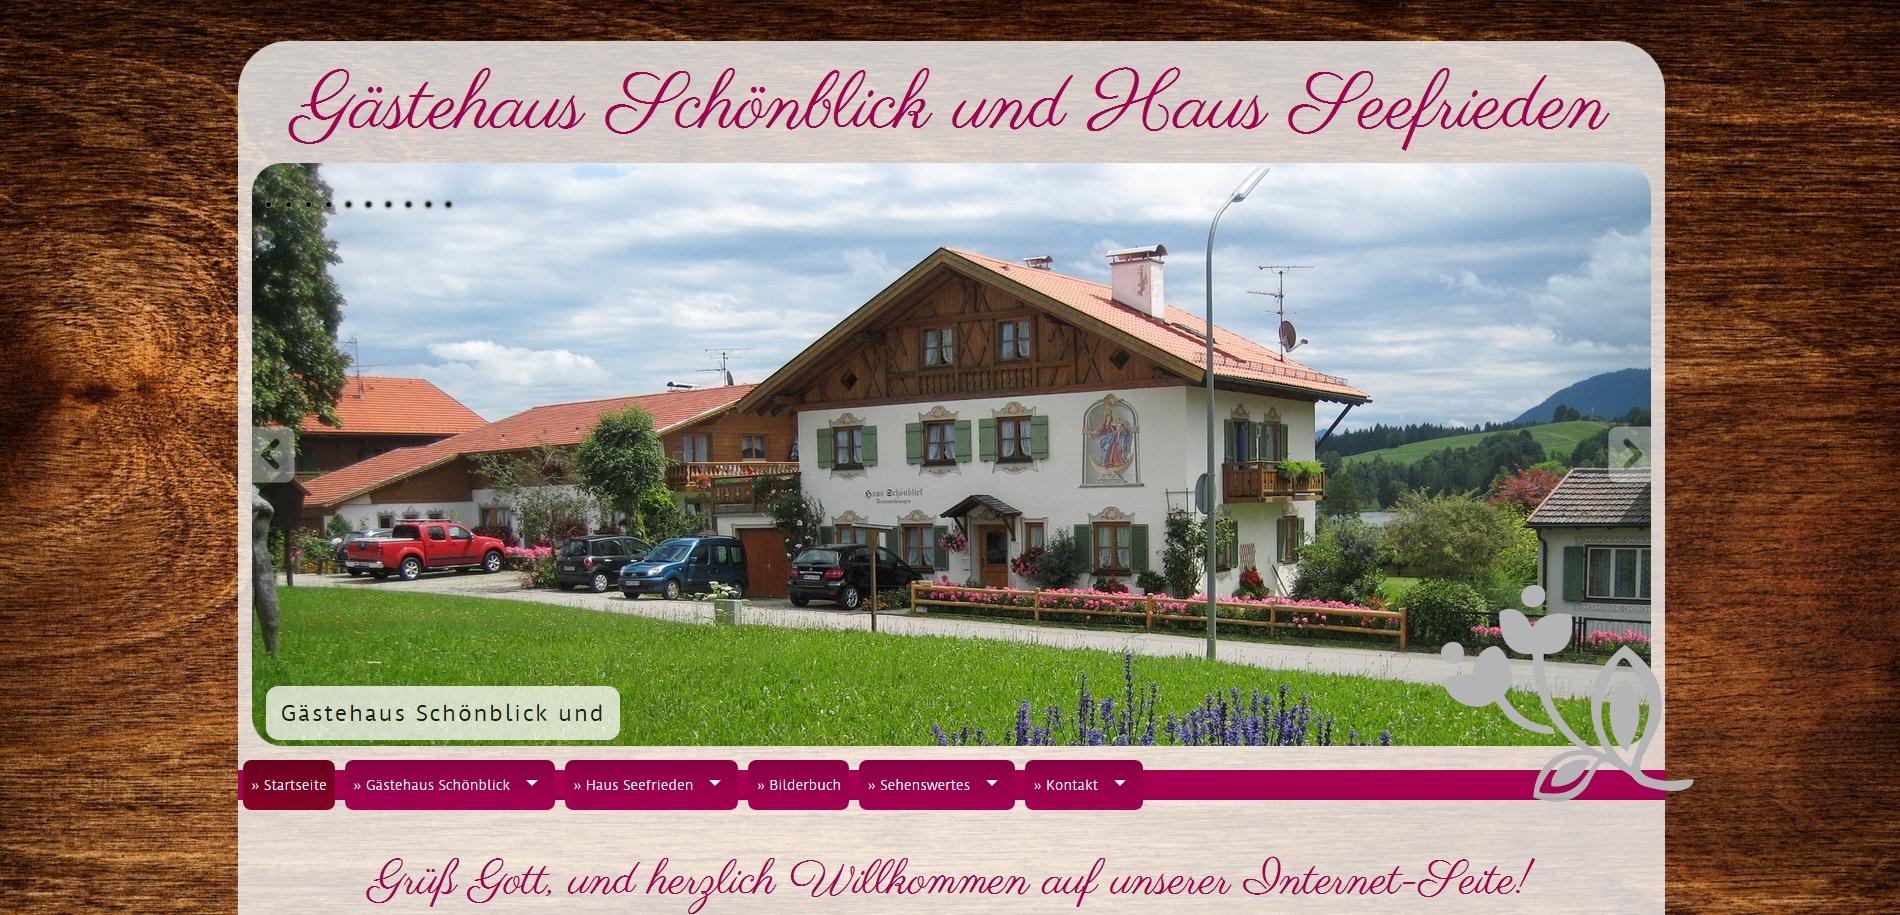 Gästehaus Schönblick und Haus Seeblick, Bad Bayersoien